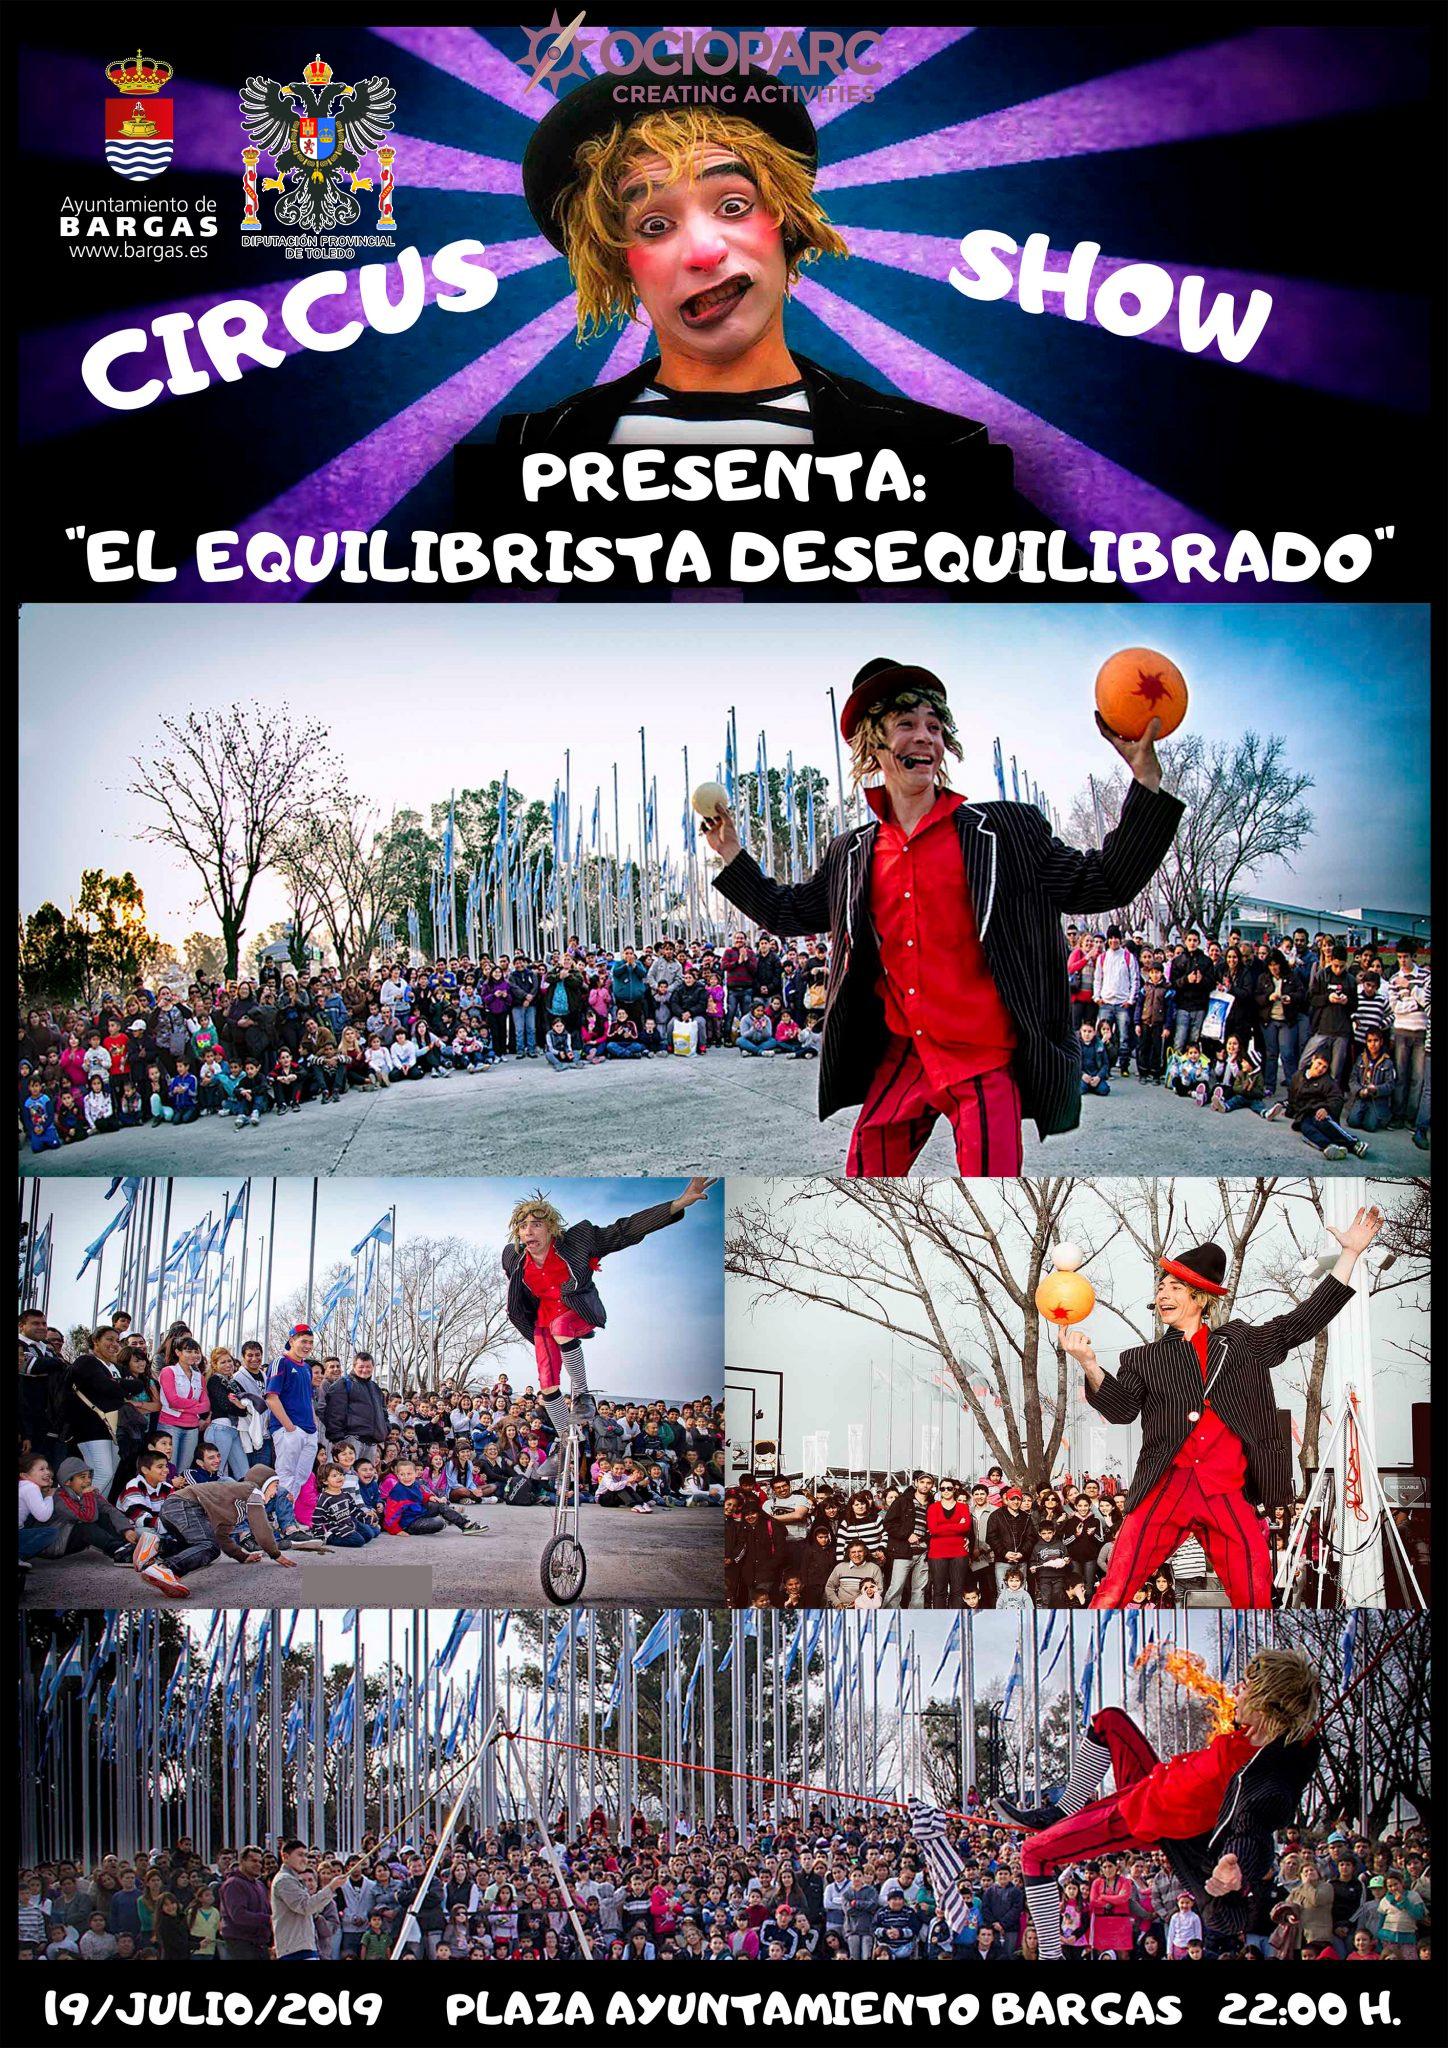 Circus Show: El equilibrista desequilibrado